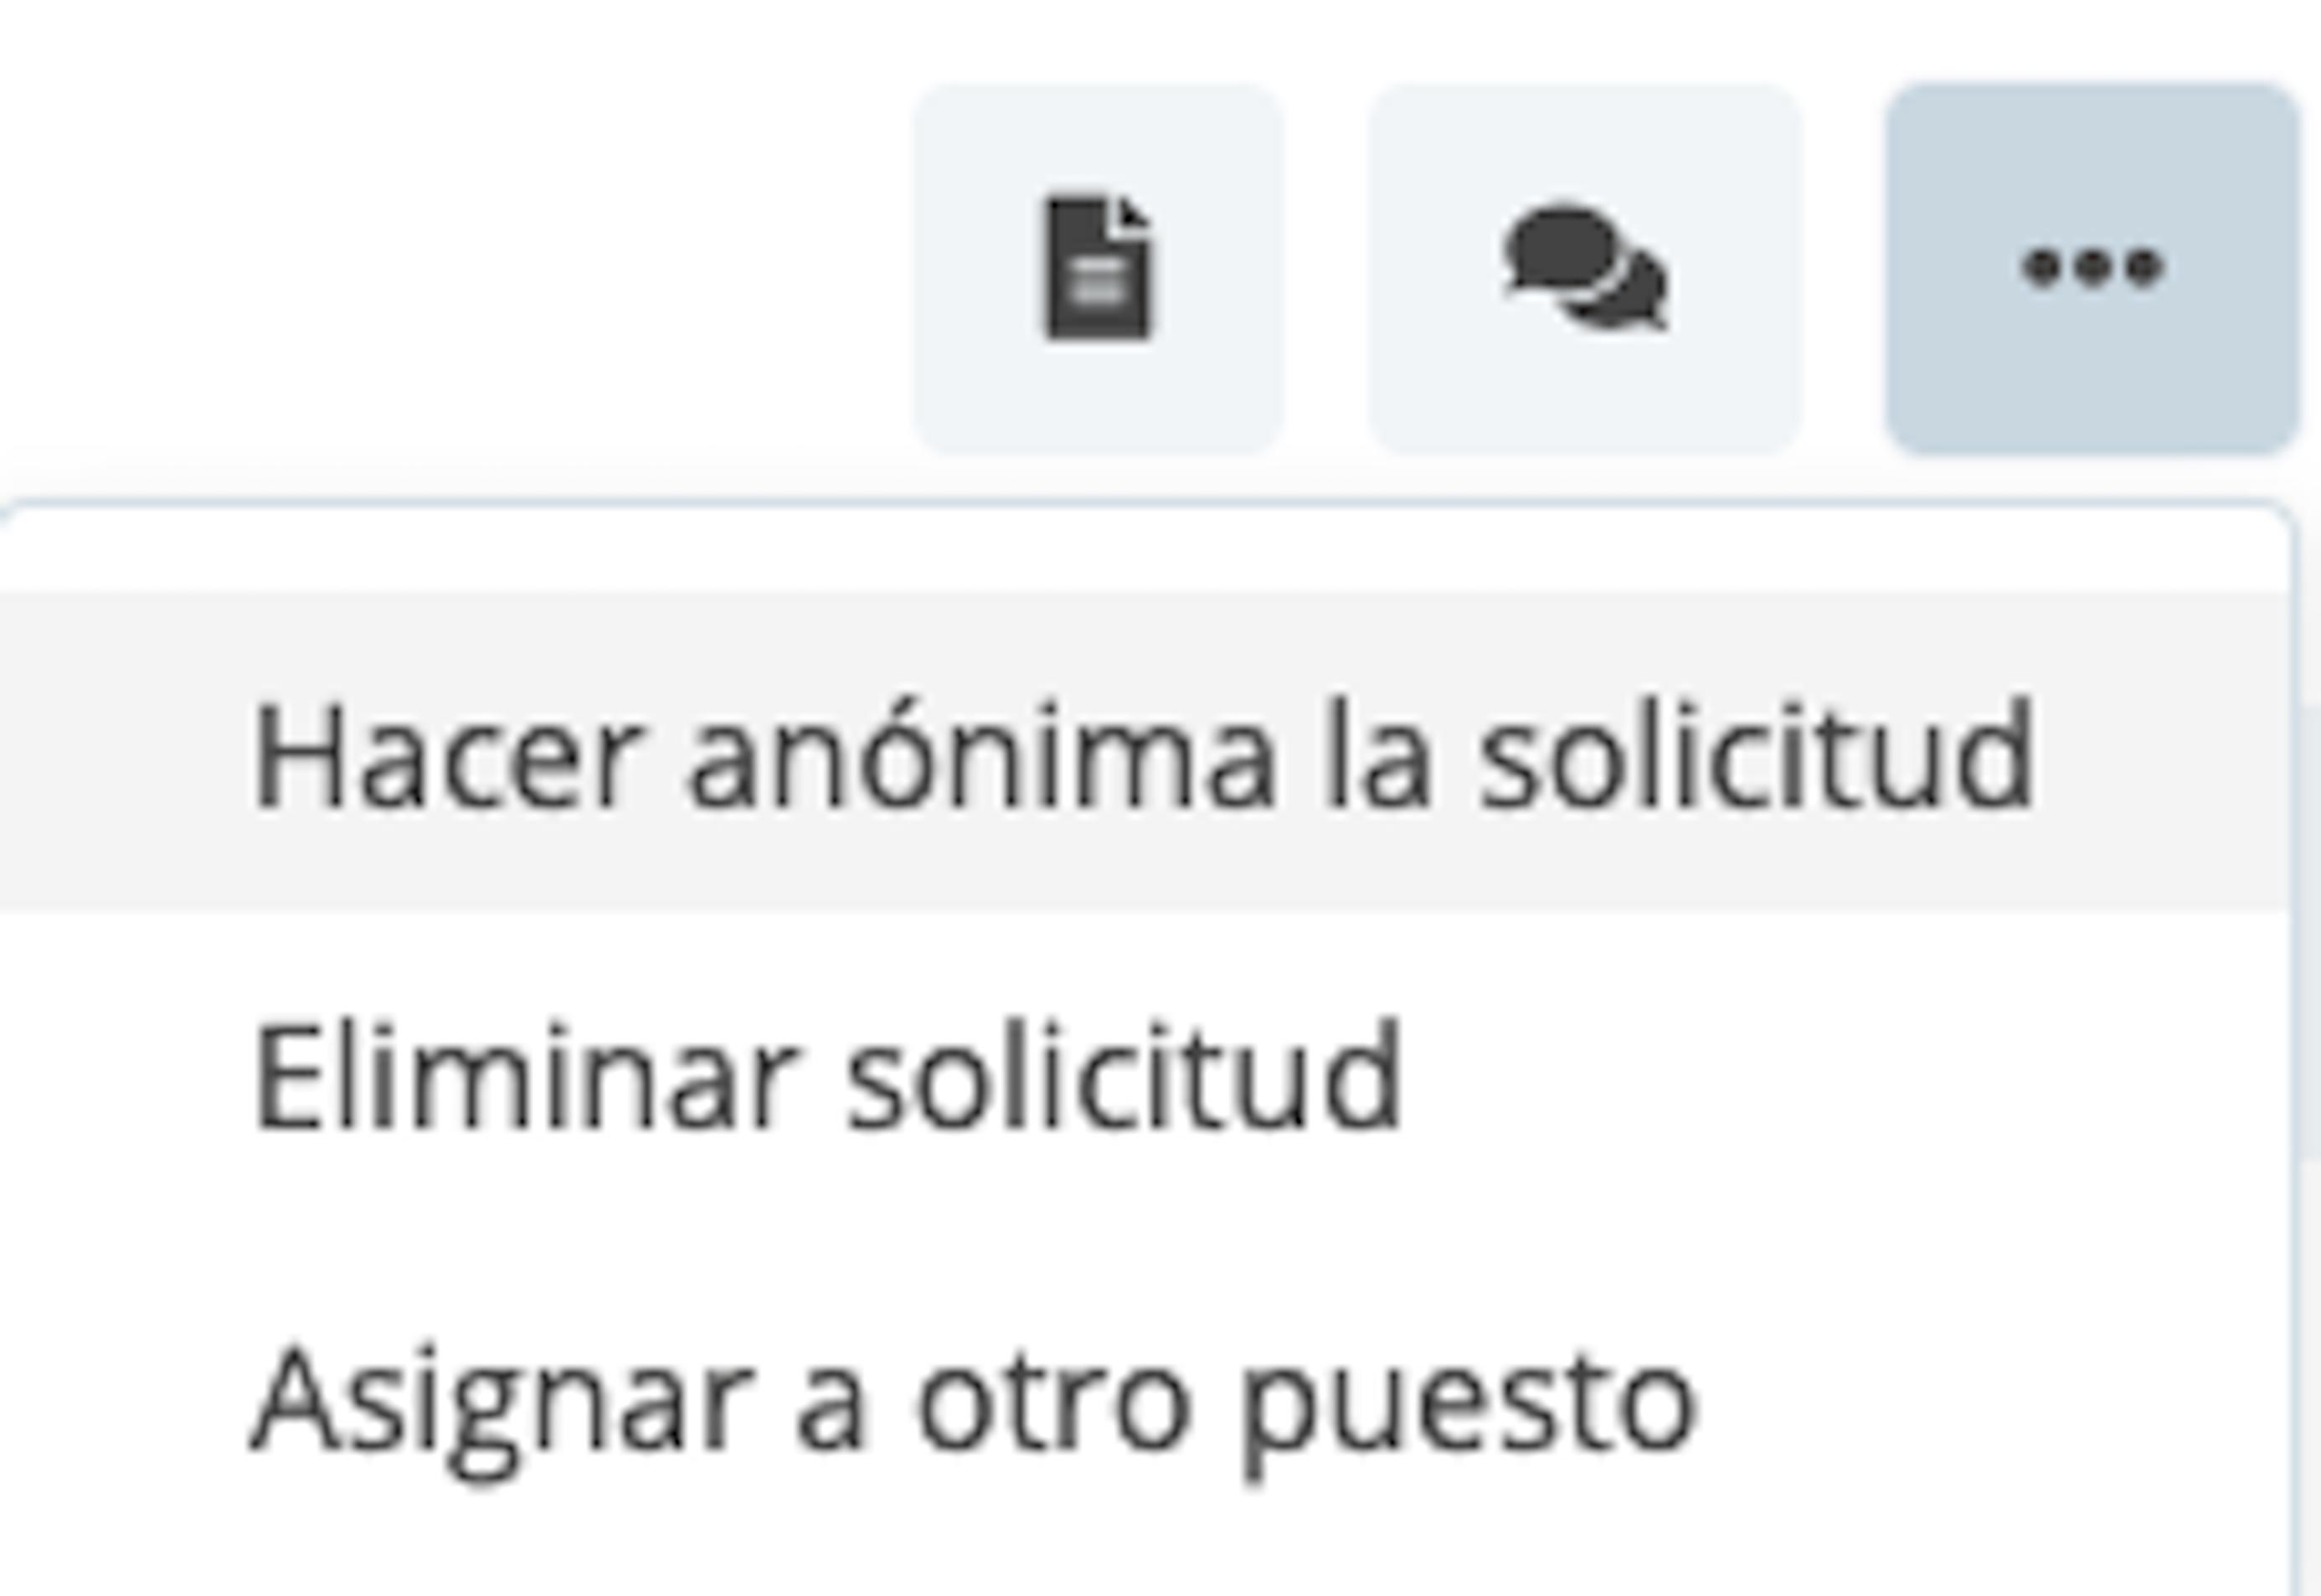 applicant-profile-action-button_es.png